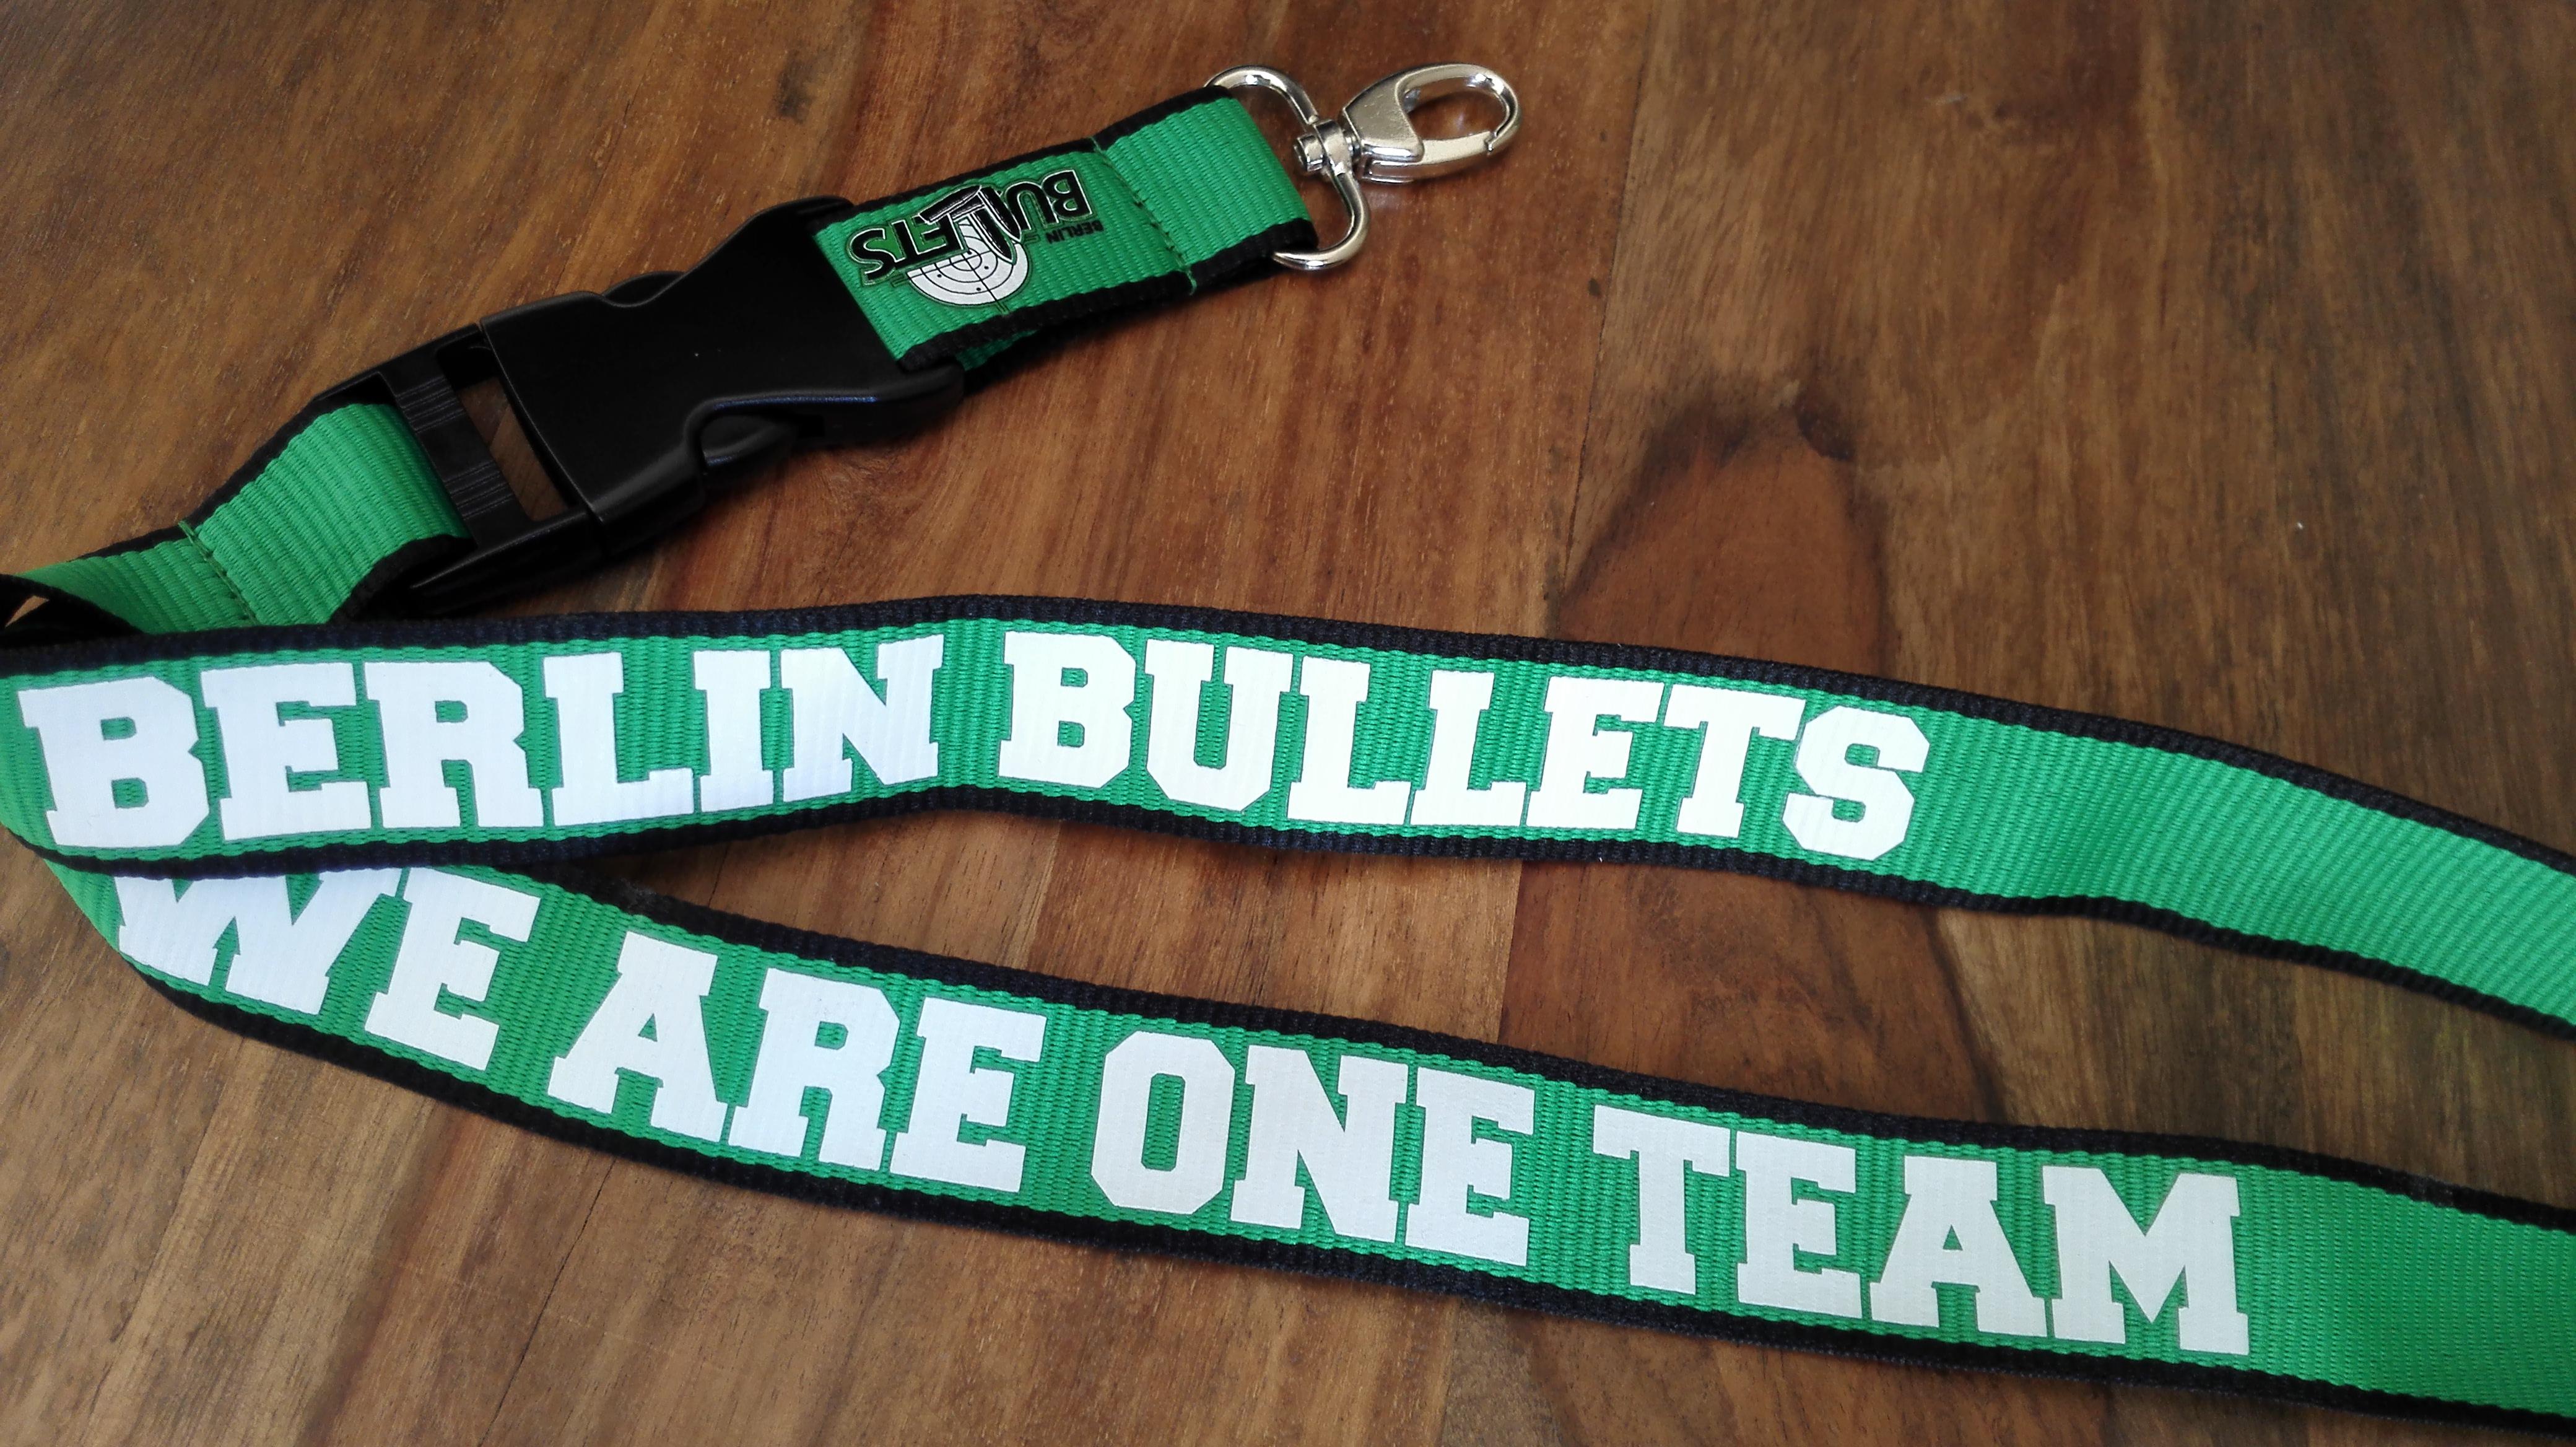 Foto zeigt ein Schlüsselband in grün und weiß mit dem Schriftzug We are one Team